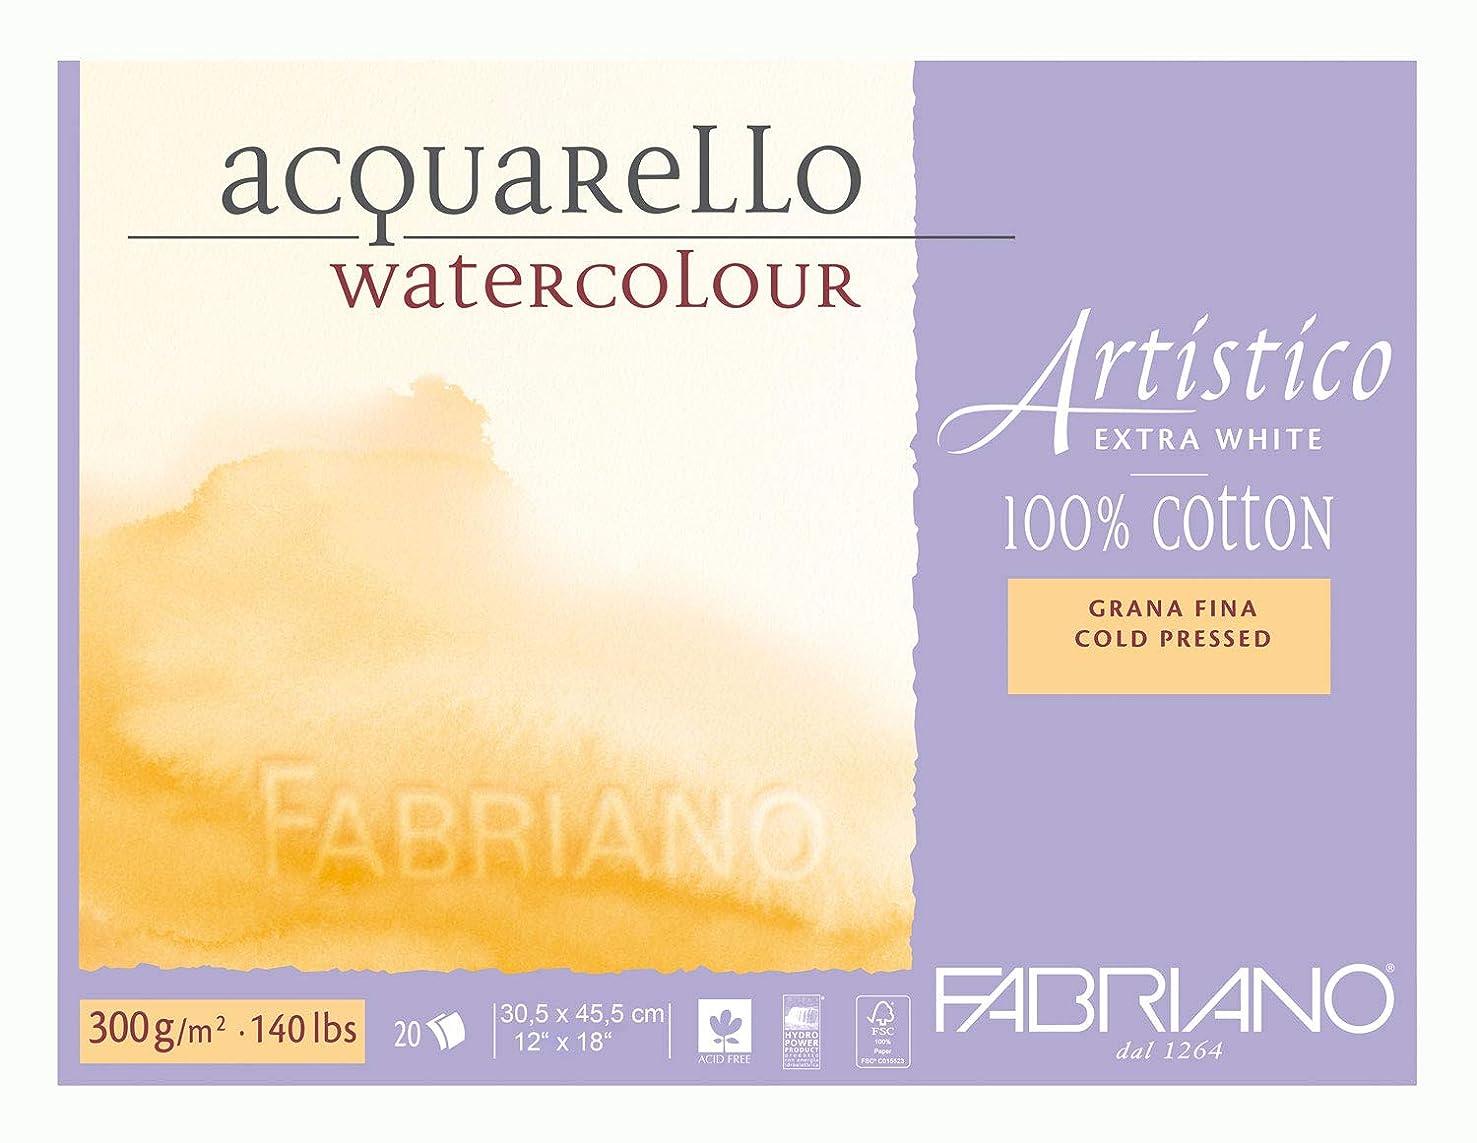 Fabriano Artistico 140 lb. Cold Press 20 Sheet Block 12x18 - Extra White